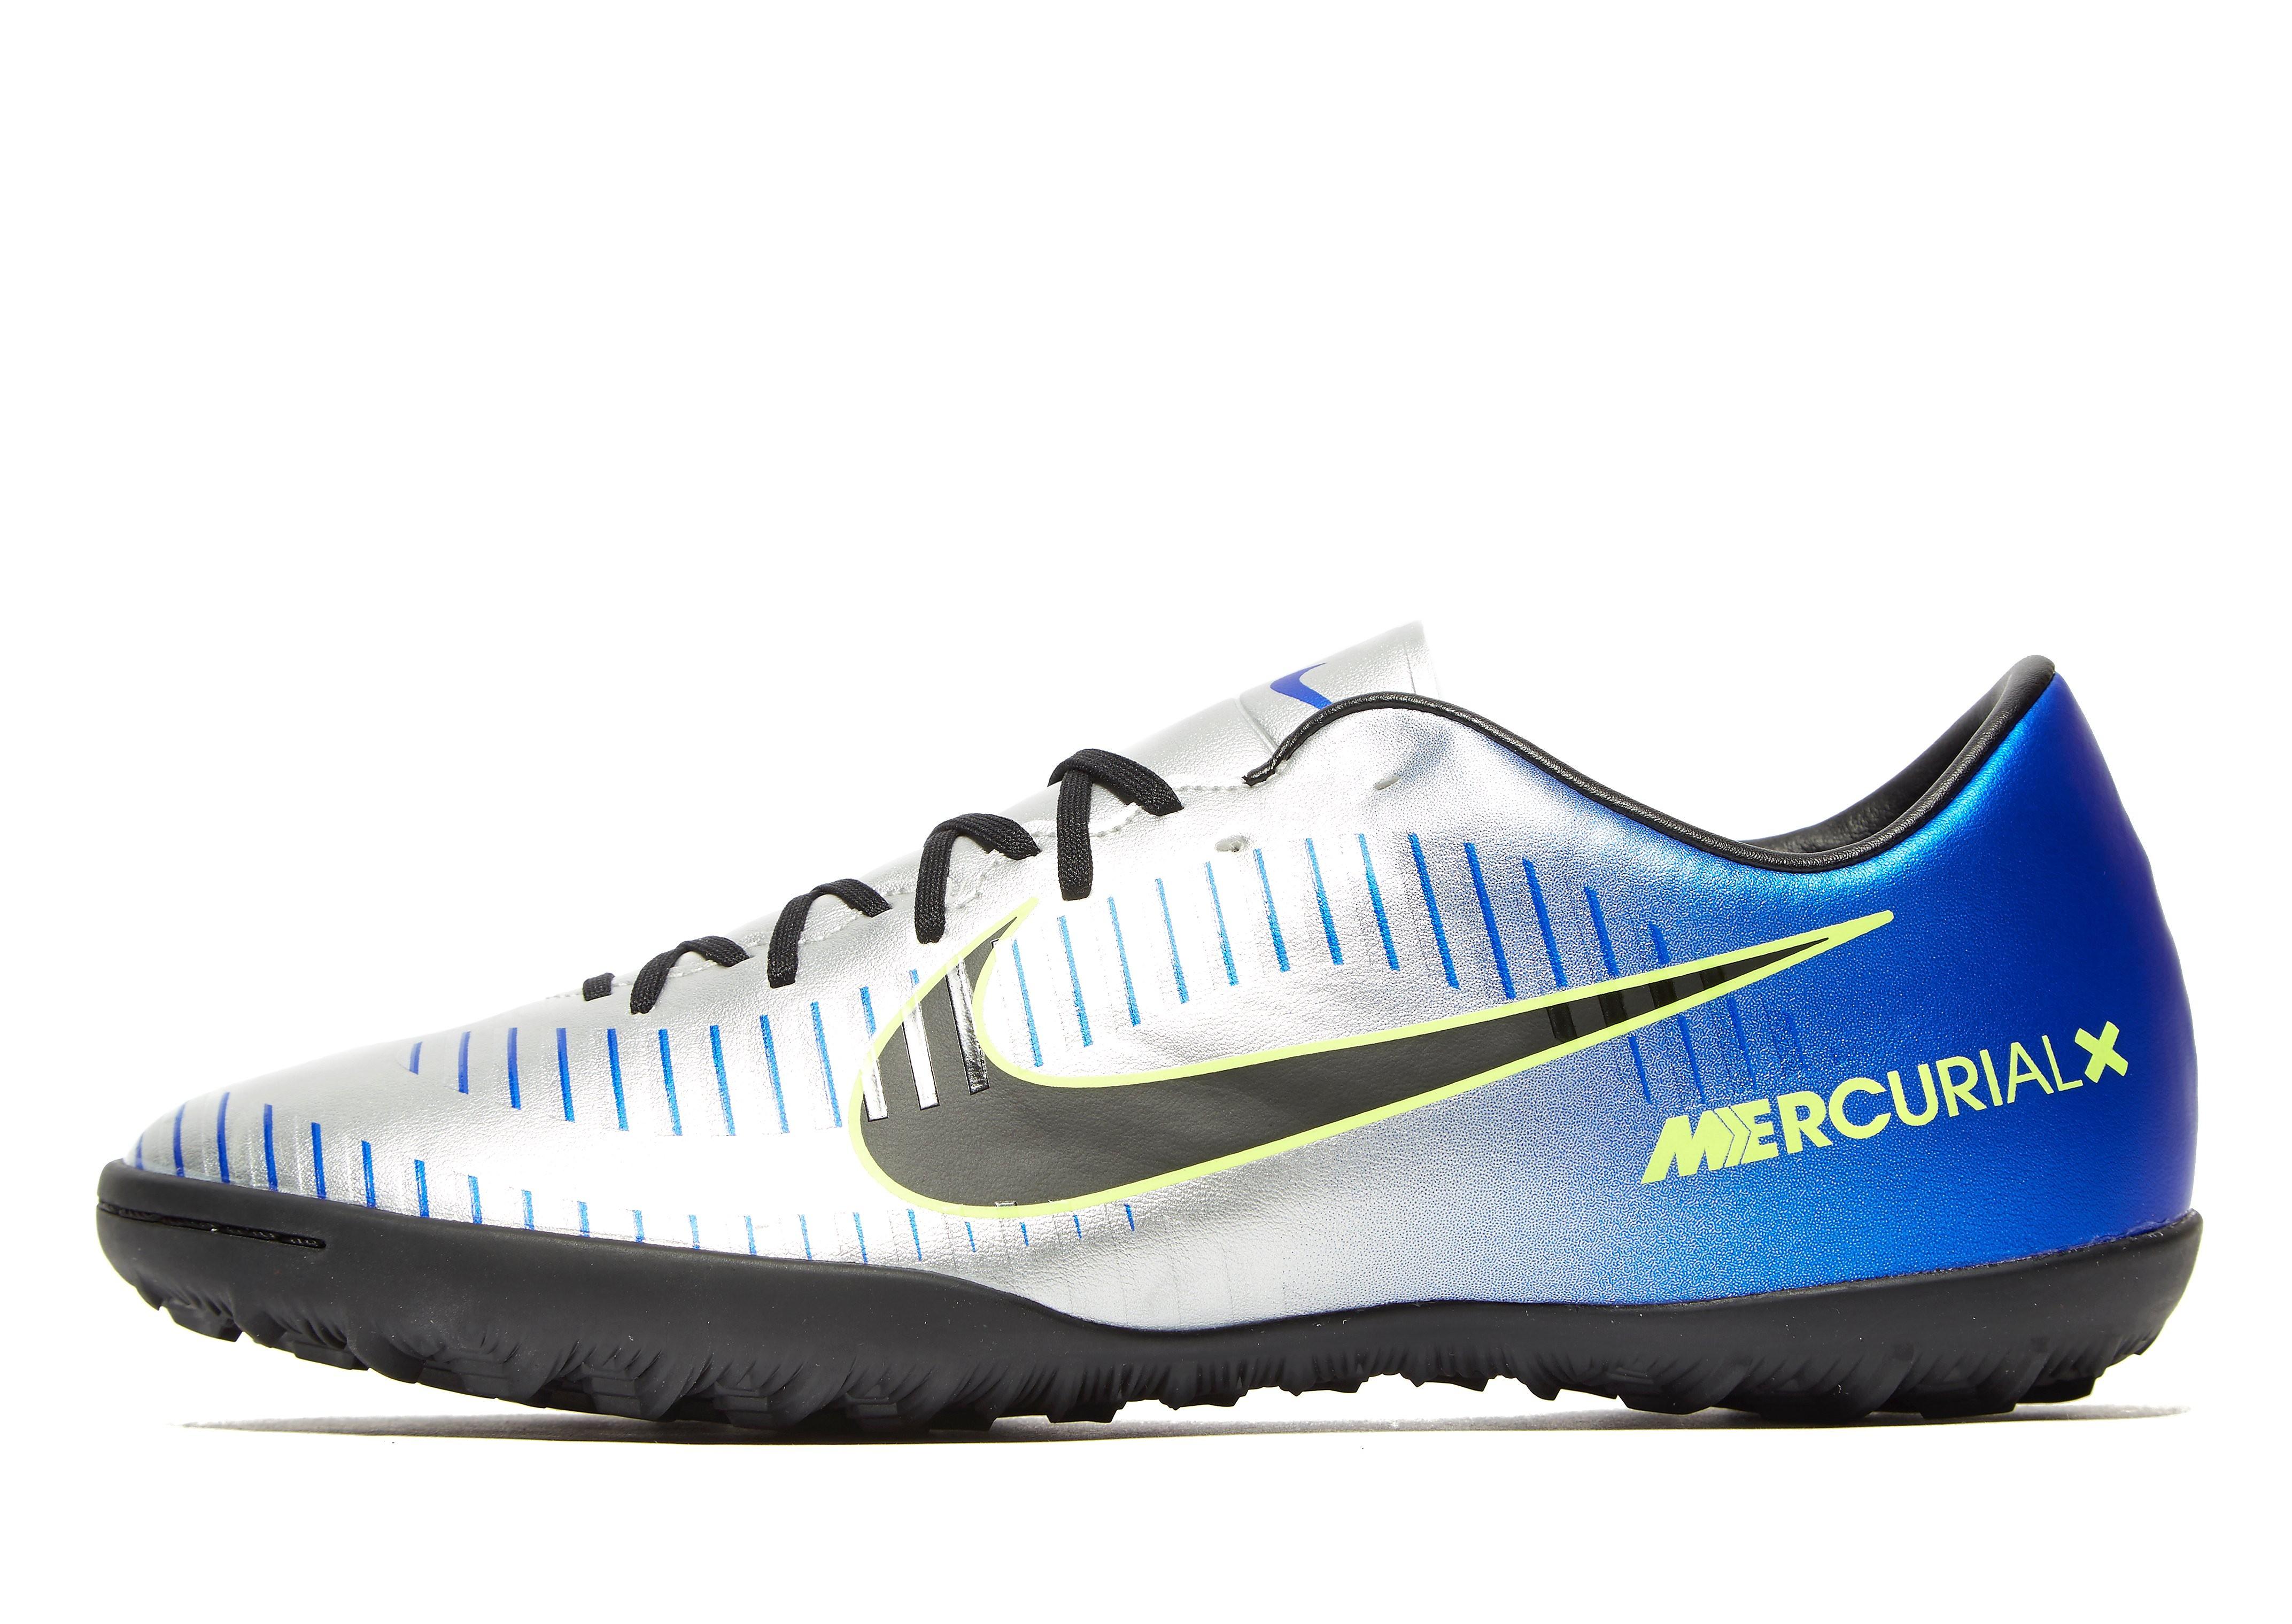 Nike Neymar Jr Mercurial Victory Turf